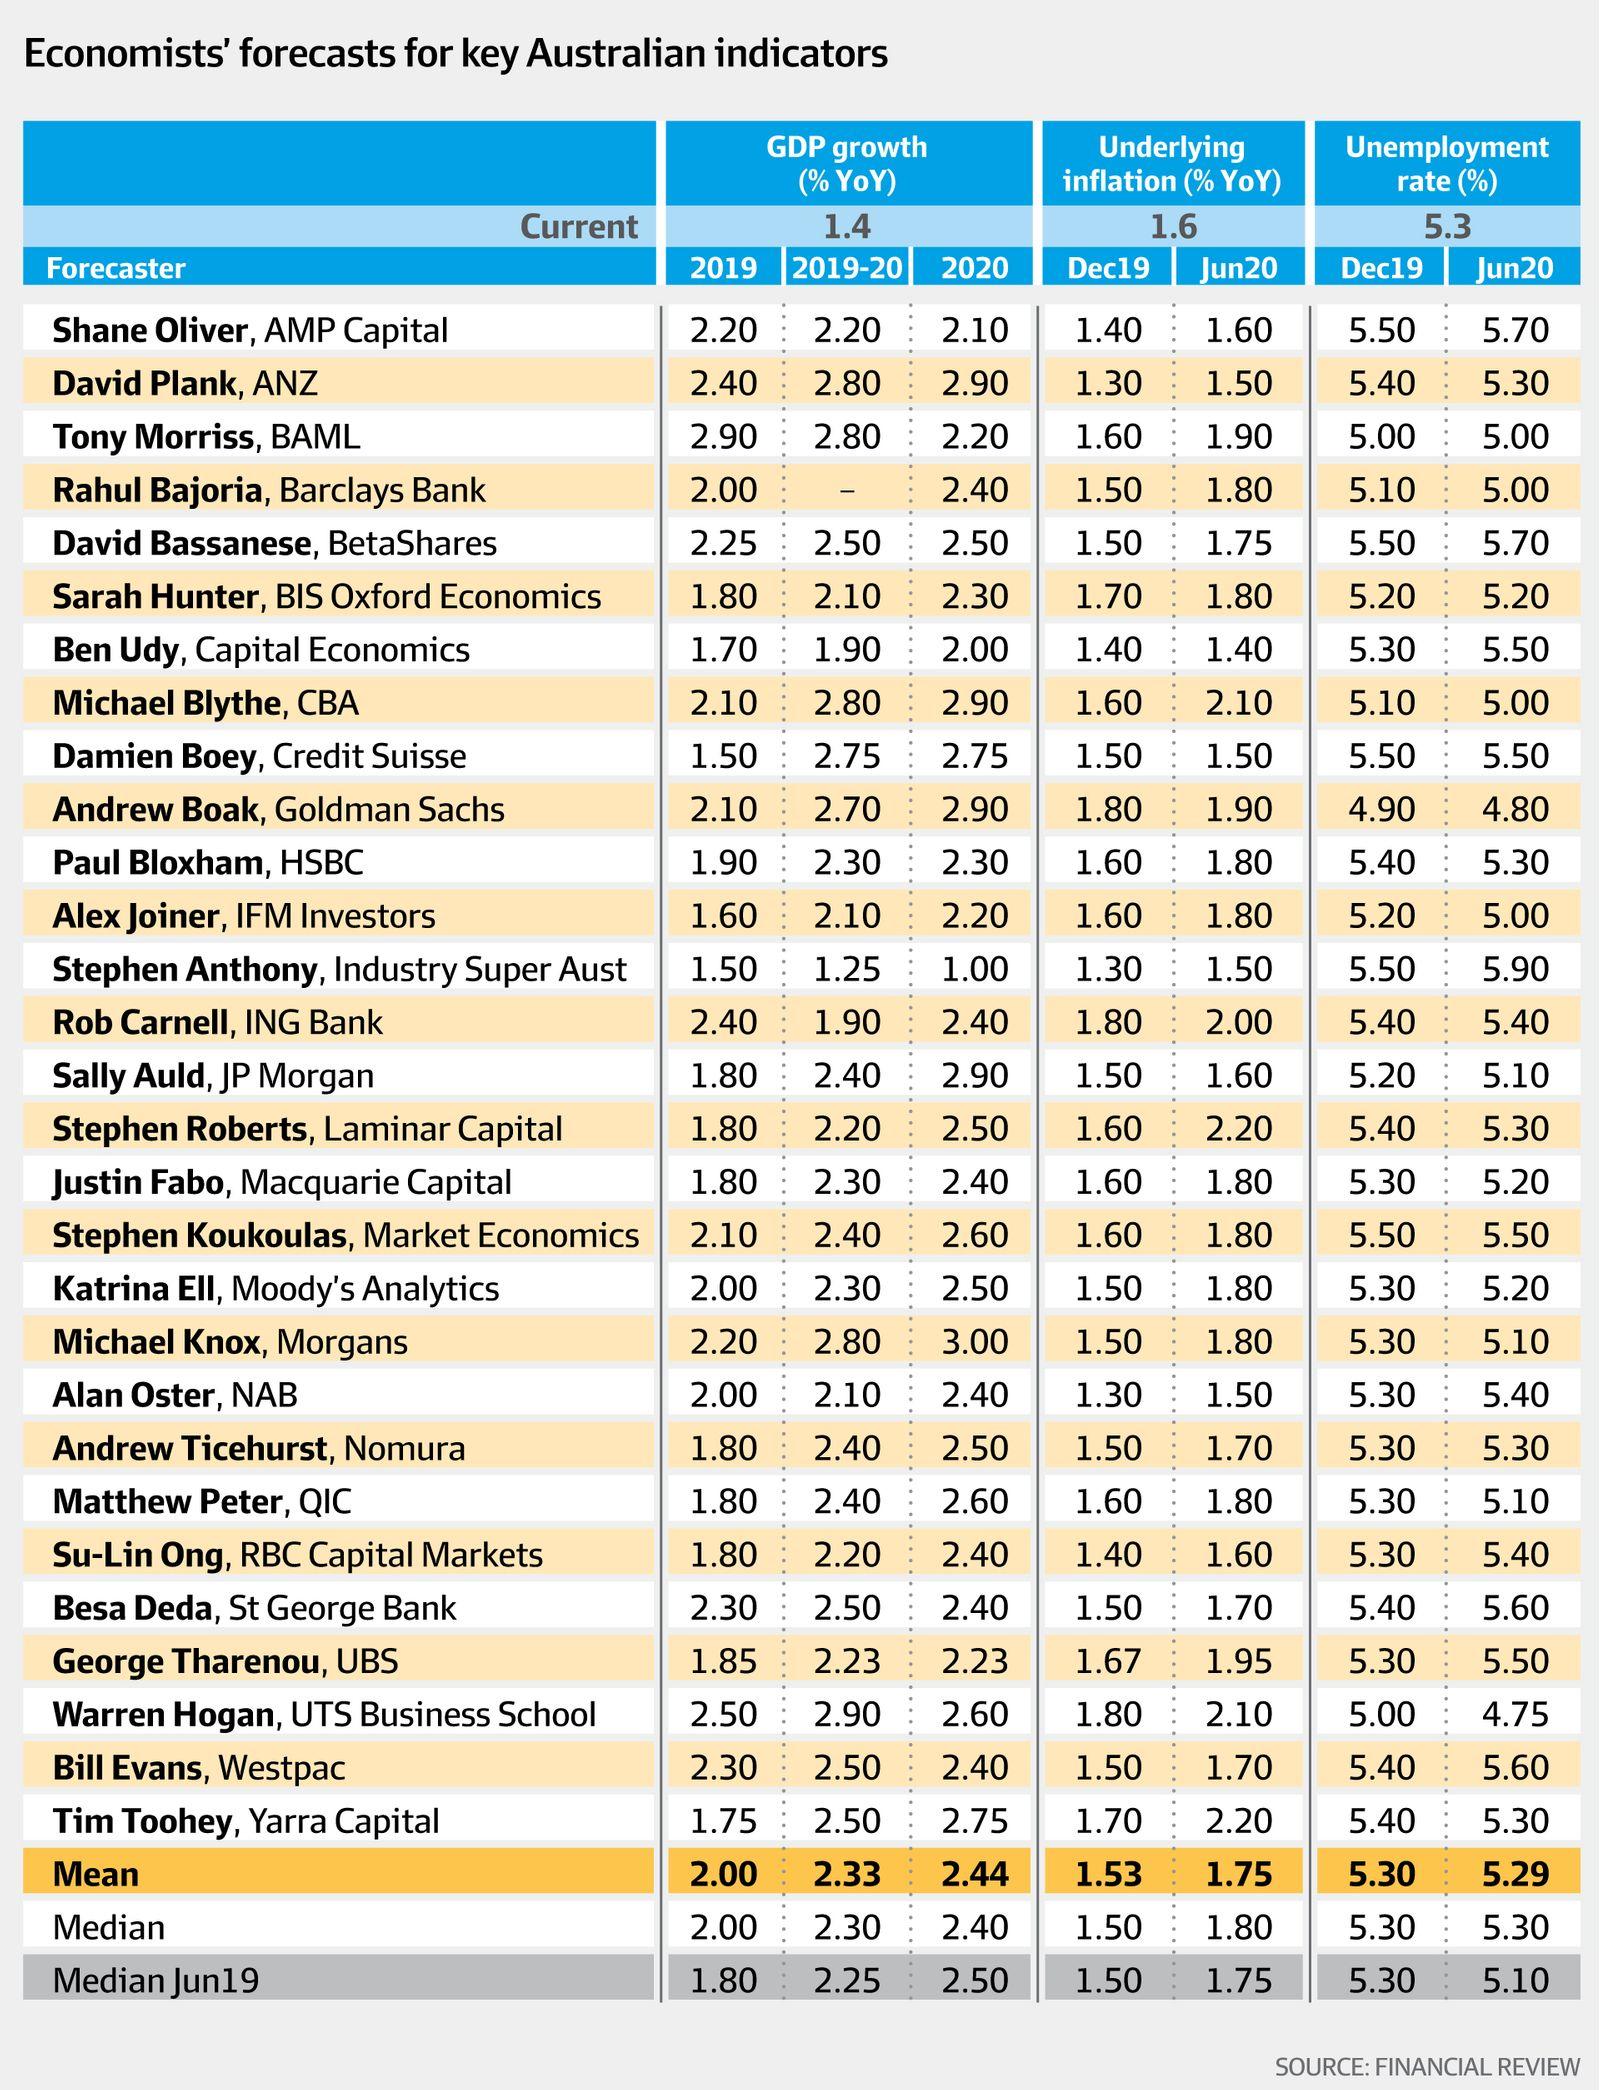 Economists' forecasts for key Australian indicators (AFR)